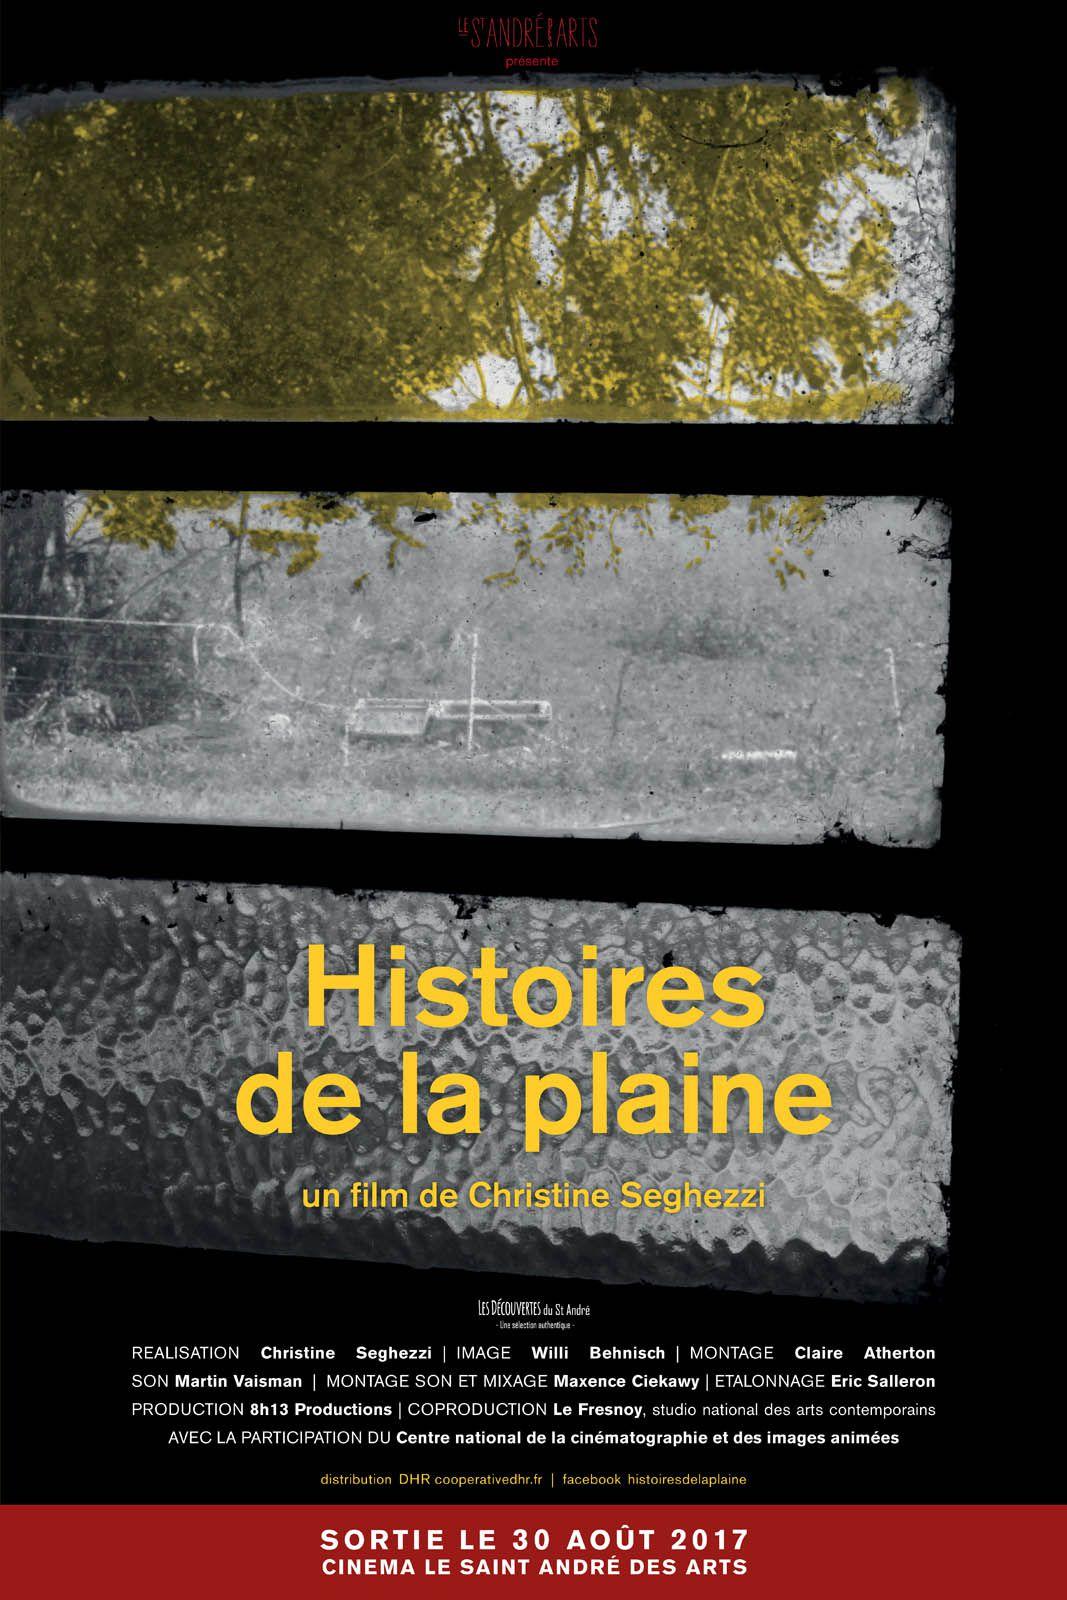 Histoires de la plaine - Documentaire (2017)